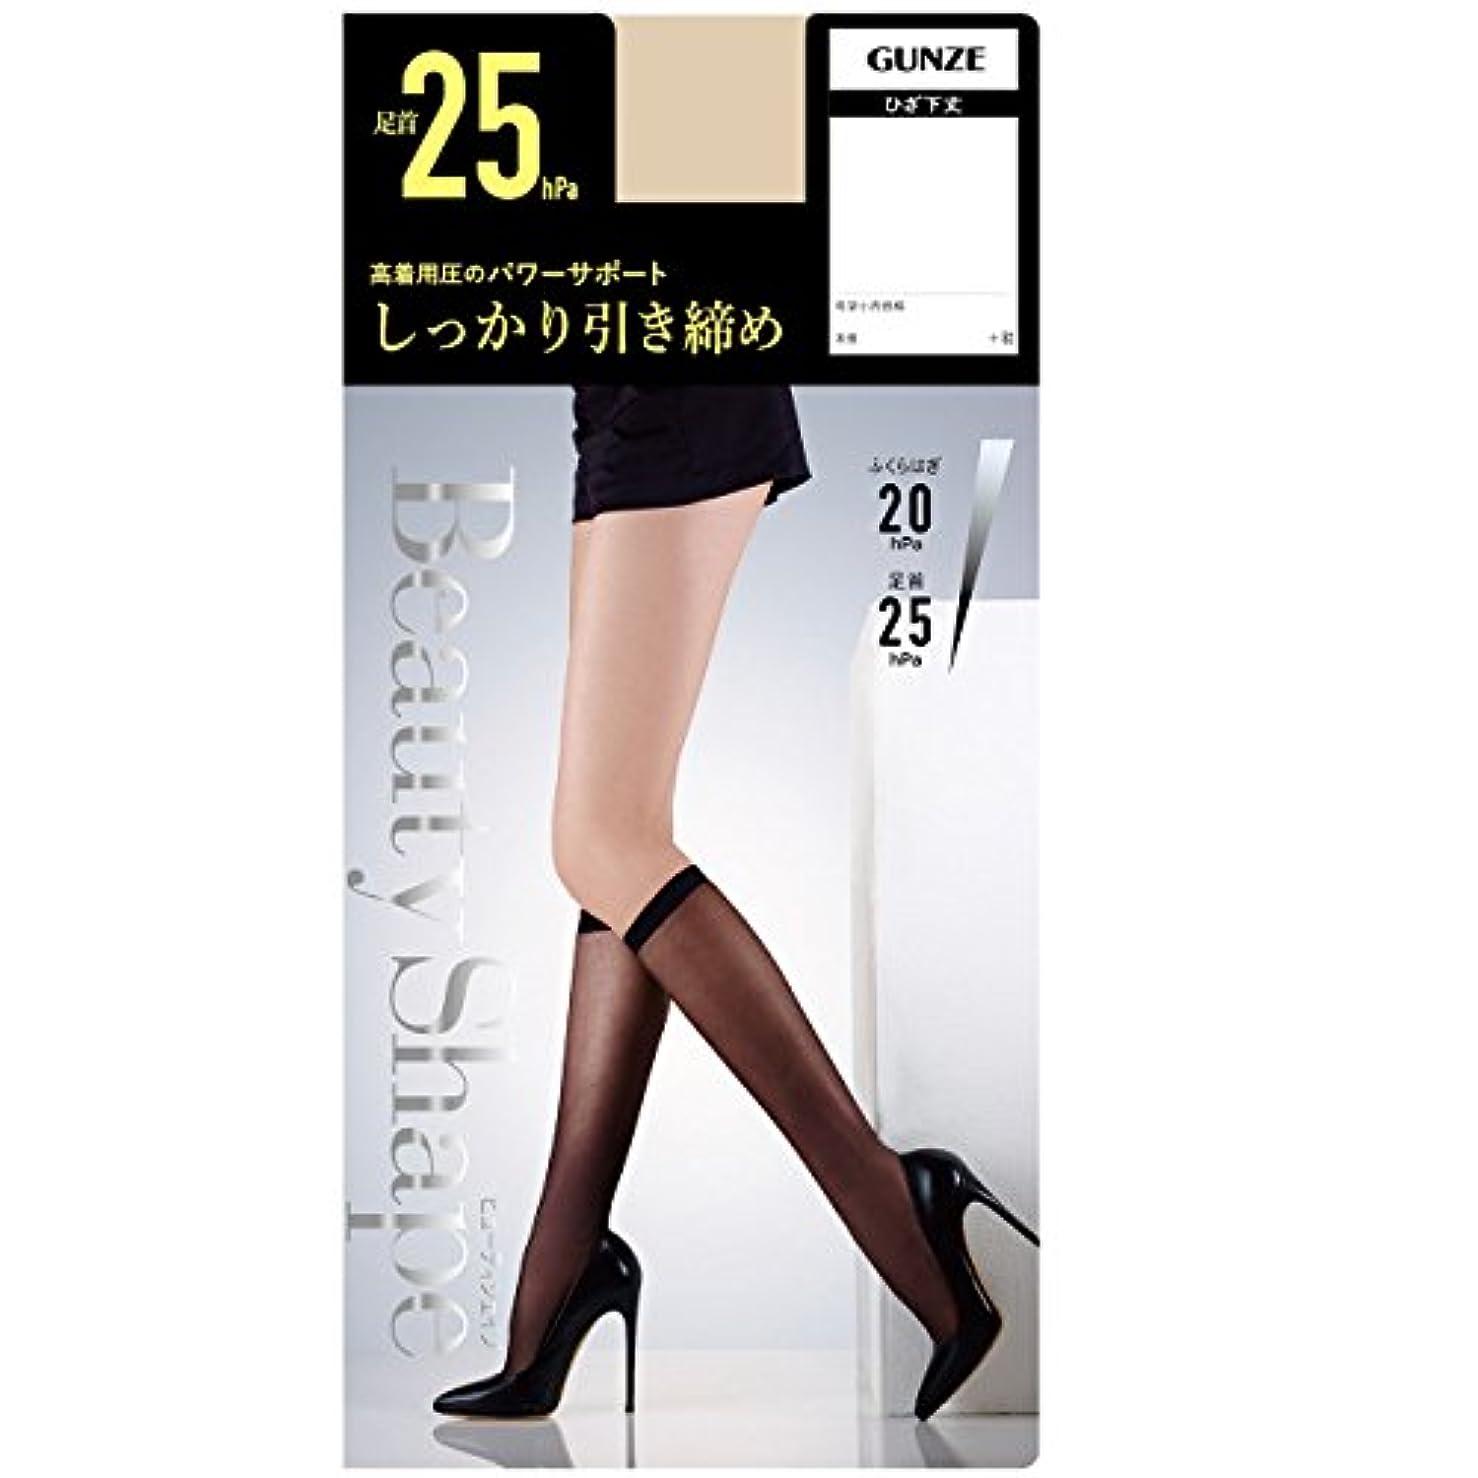 電気的宿鼻(グンゼ )GUNZE (ビューティシェイプ)Beauty Shape 25hPa しっかり引き締め 着圧ショートストッキング (389)ナチュラルベージュ L EAS610